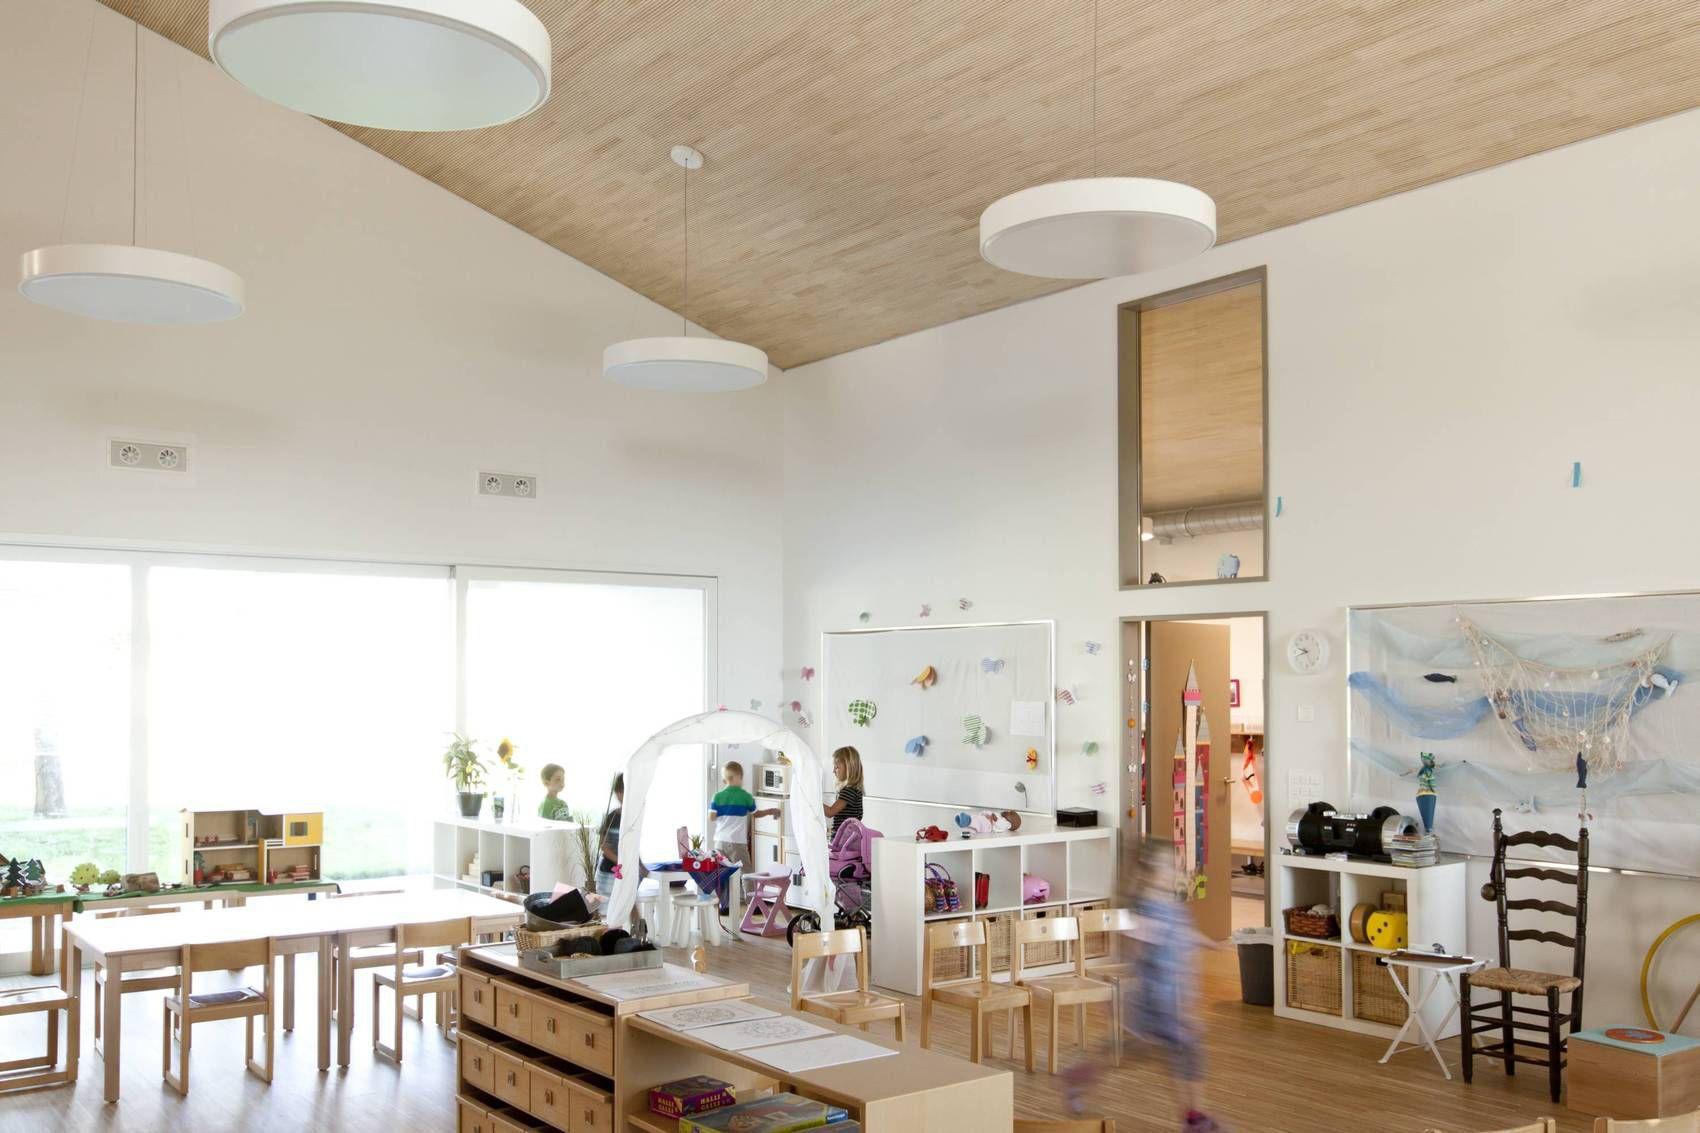 Soffitto In Legno Lamellare : Pannello strutturale in legno lamellare q lignotrend